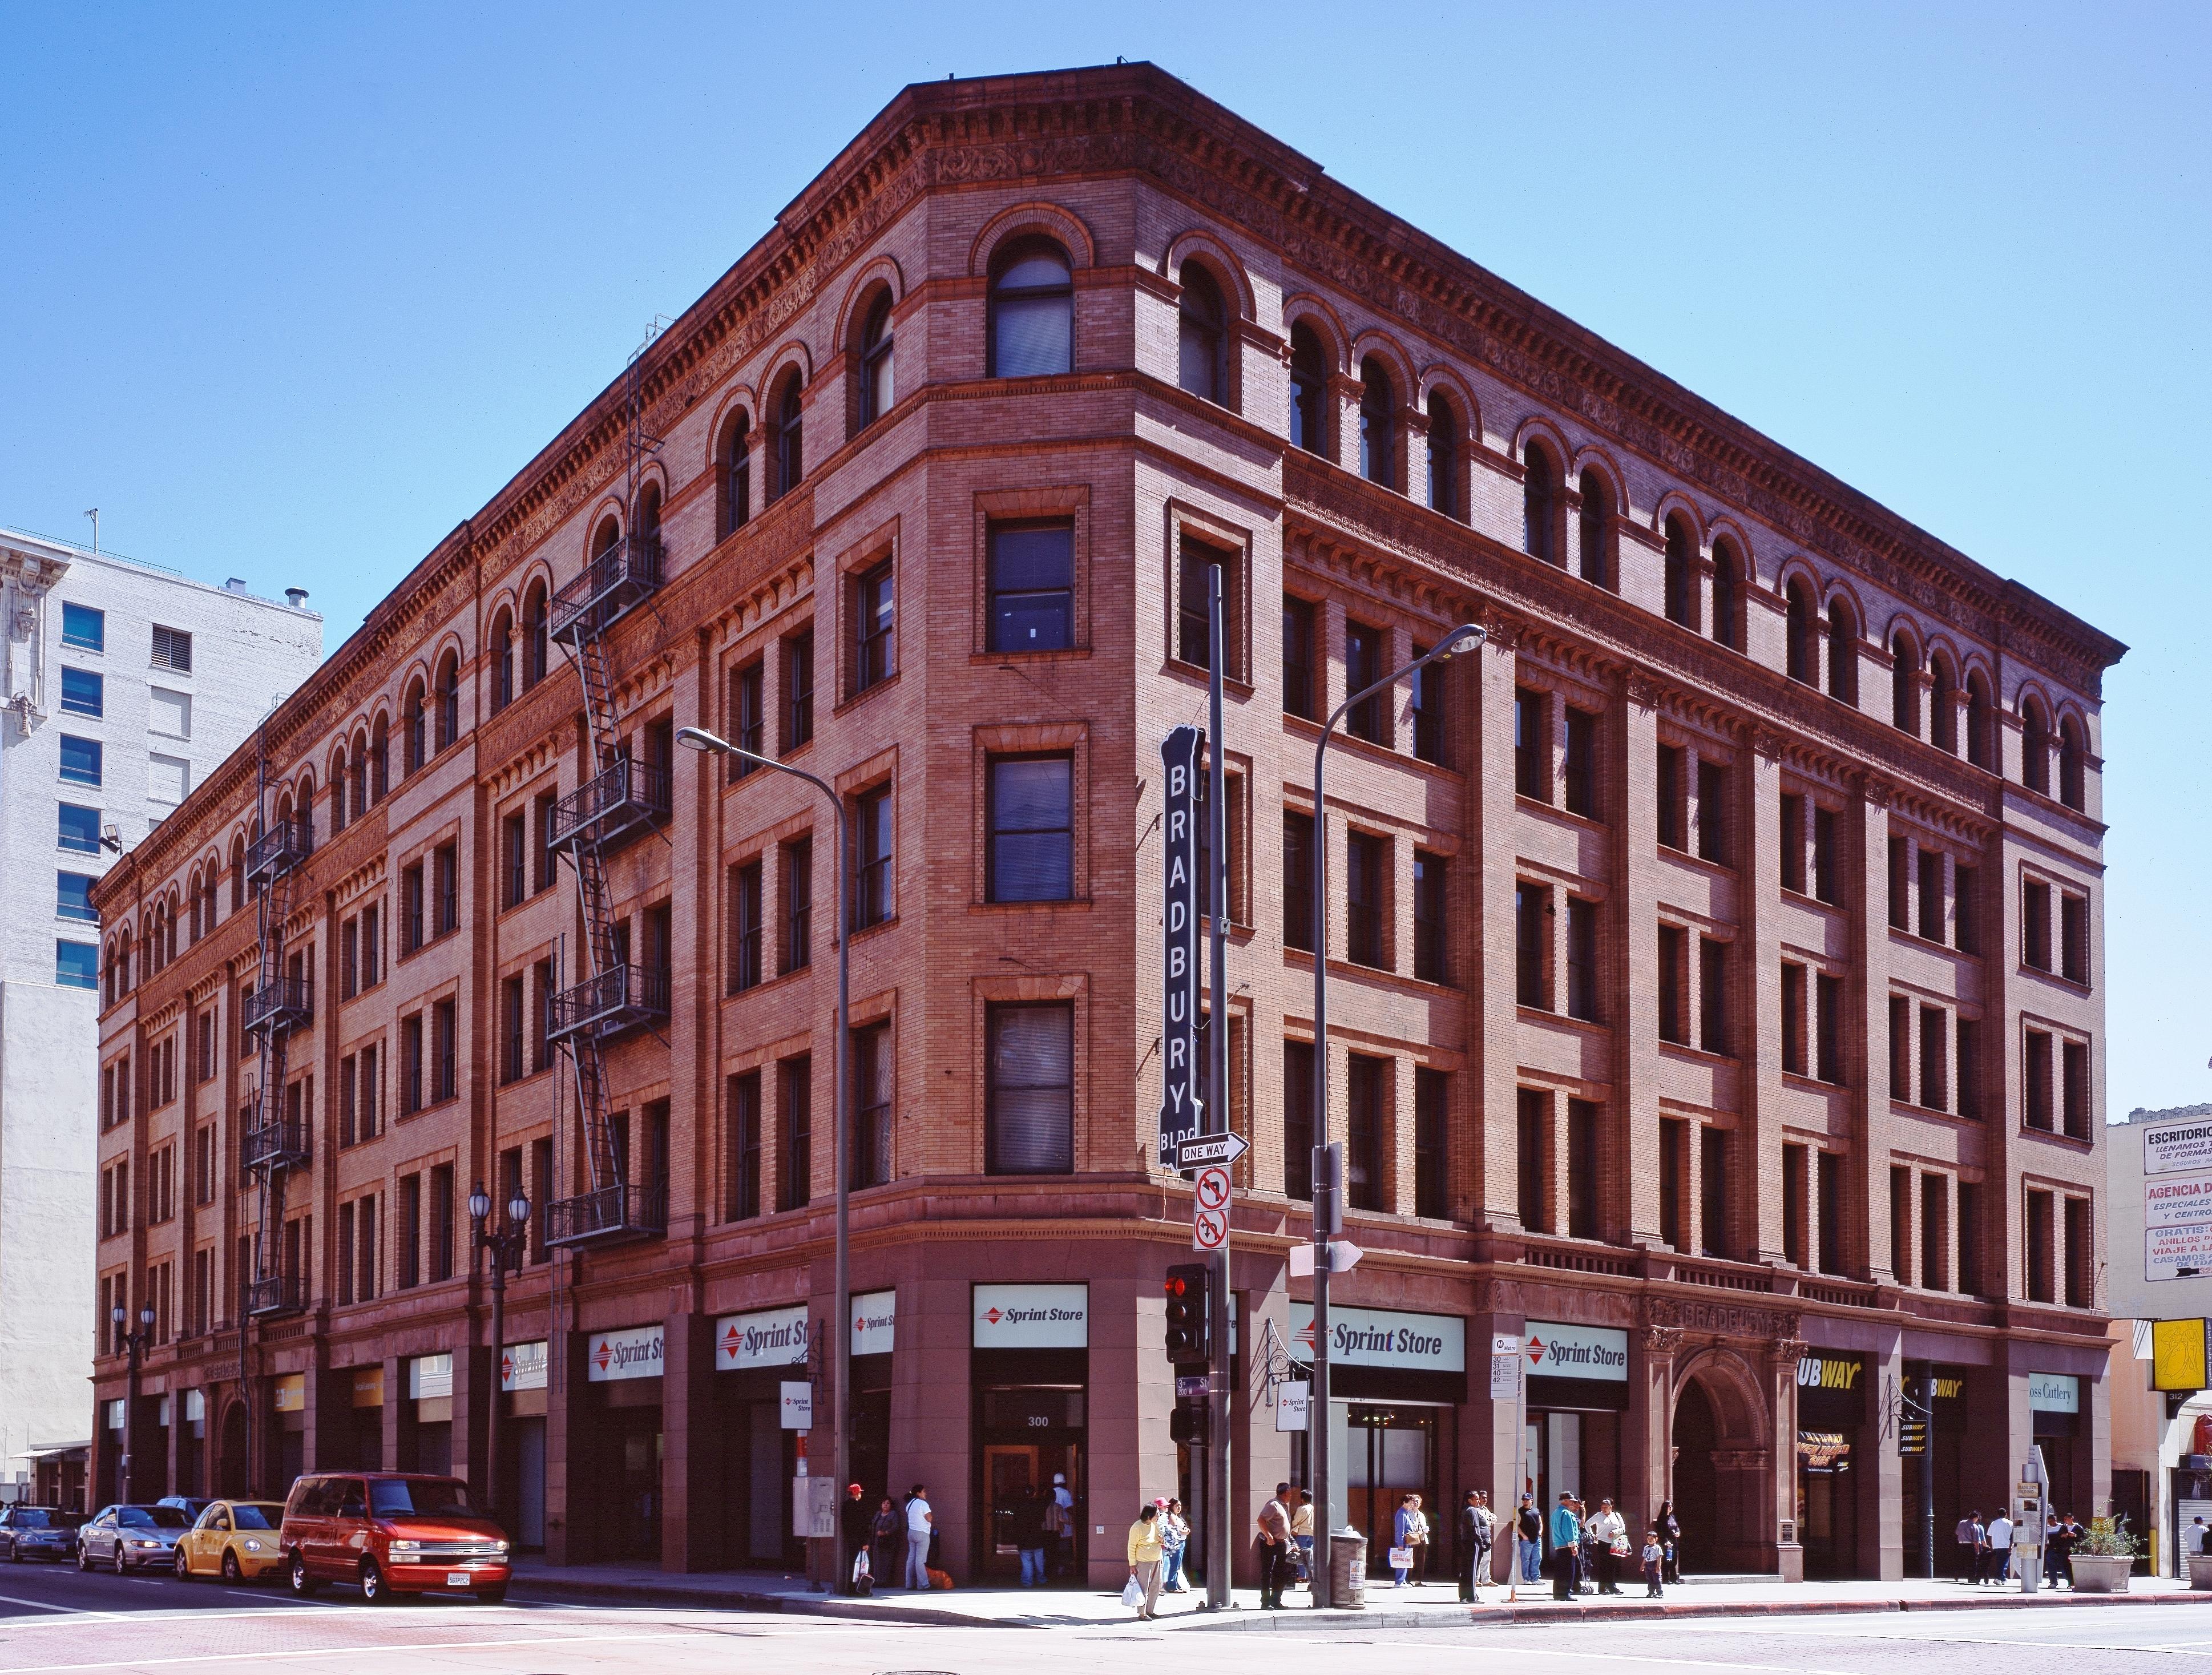 Bradbury Building - Wikipedia